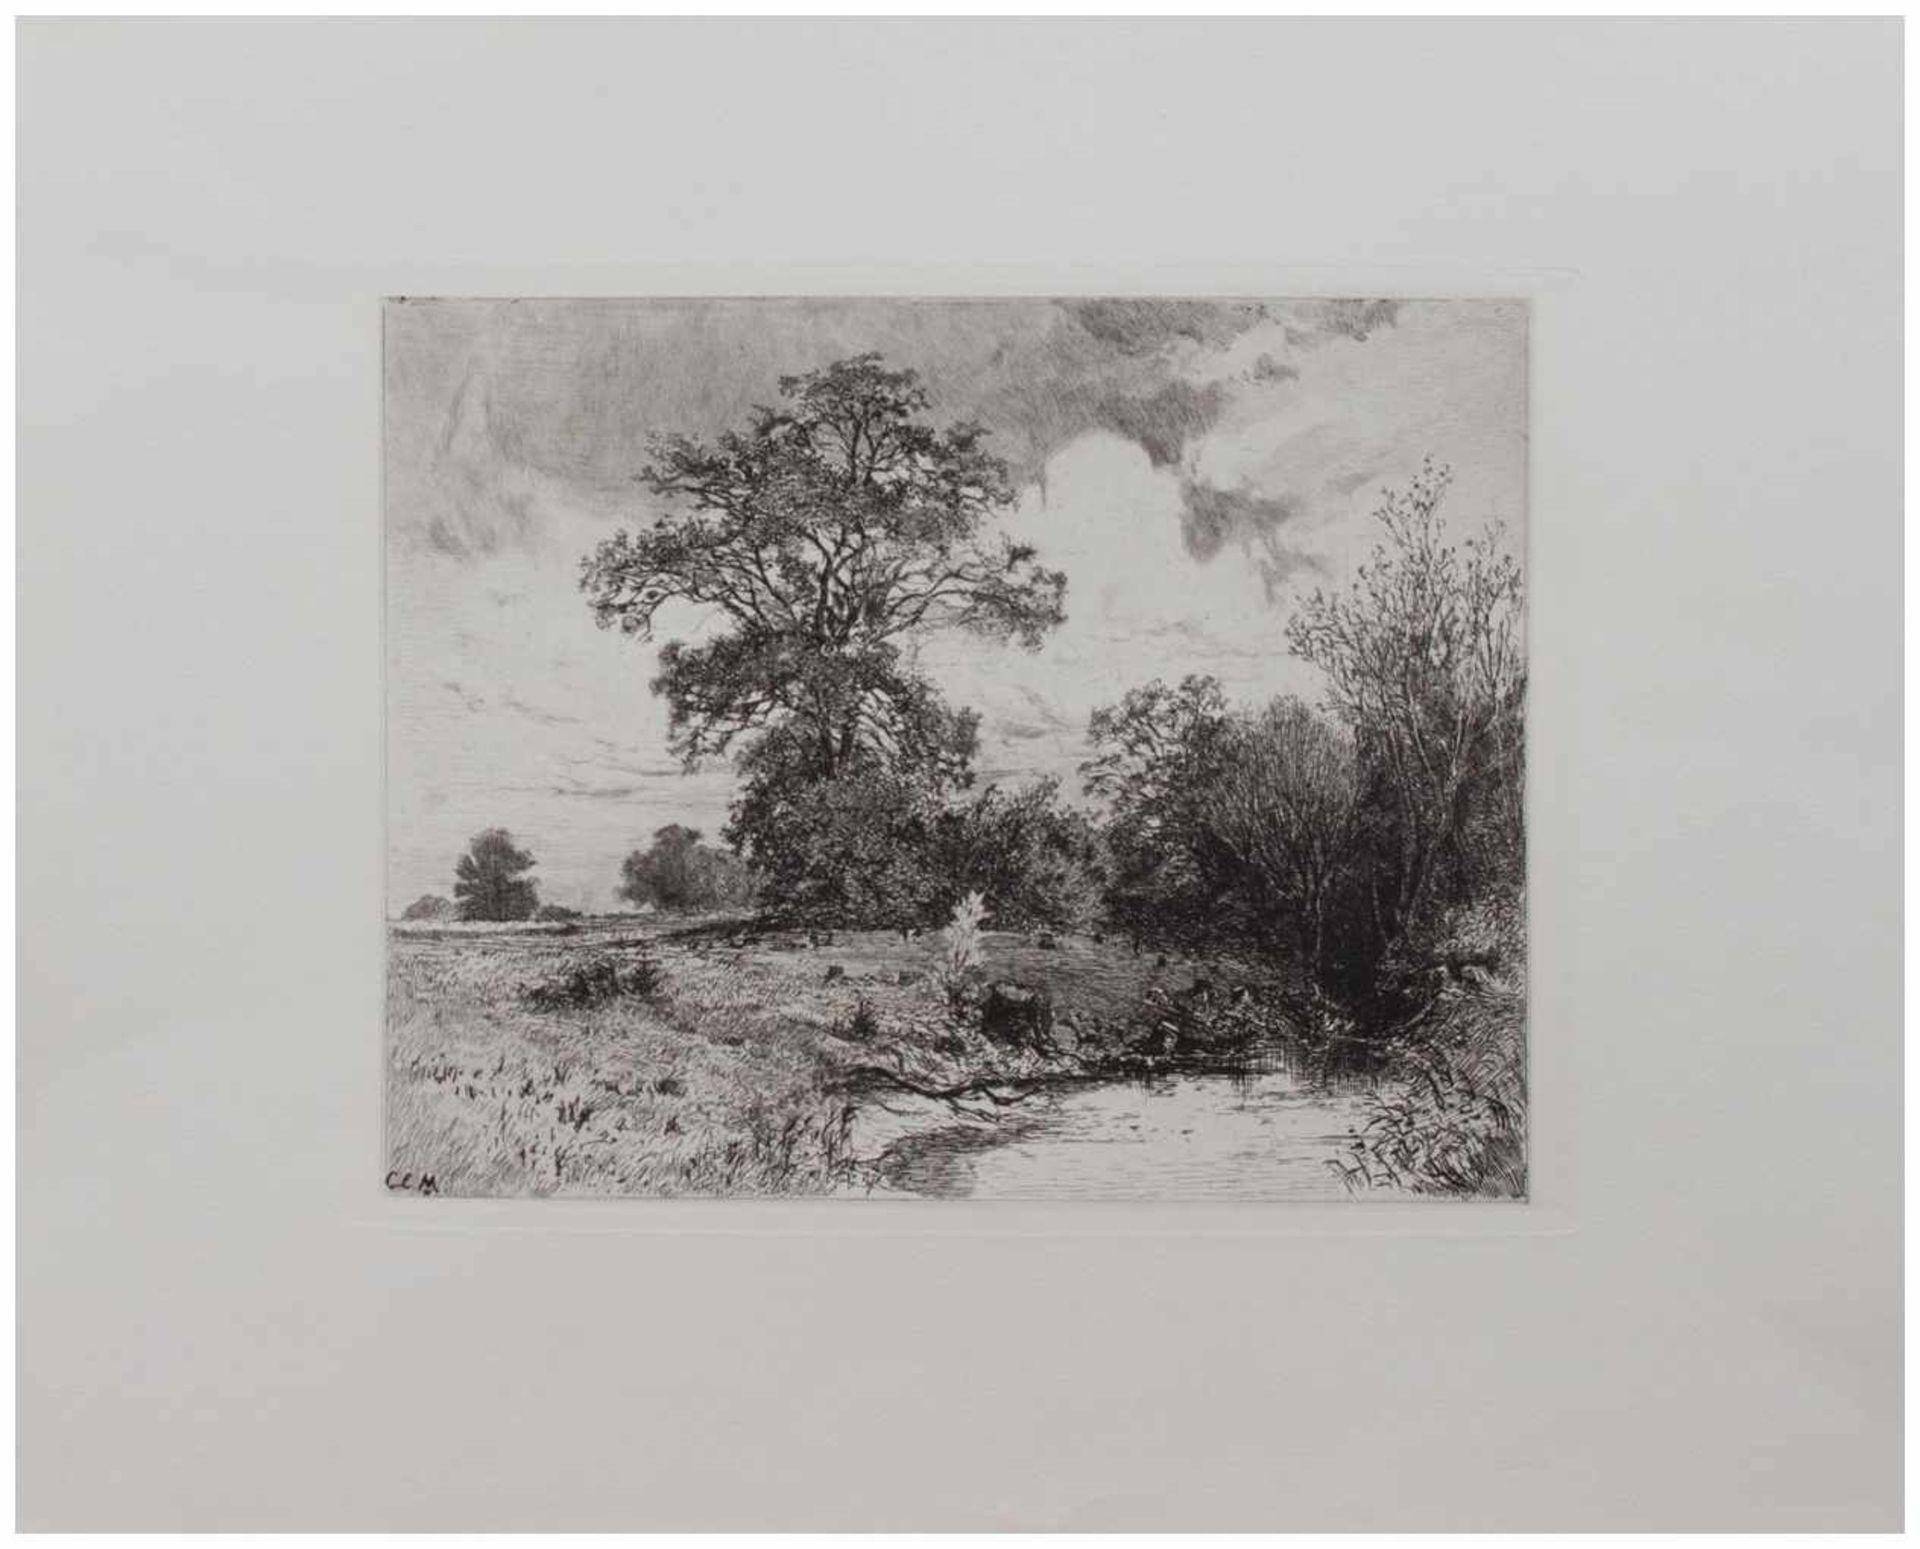 Los 24 - Carl Ernst Morgenstern (München 1847 - 1928 Wolfshau, deutscher Landschaftsmaler u. Radierer,